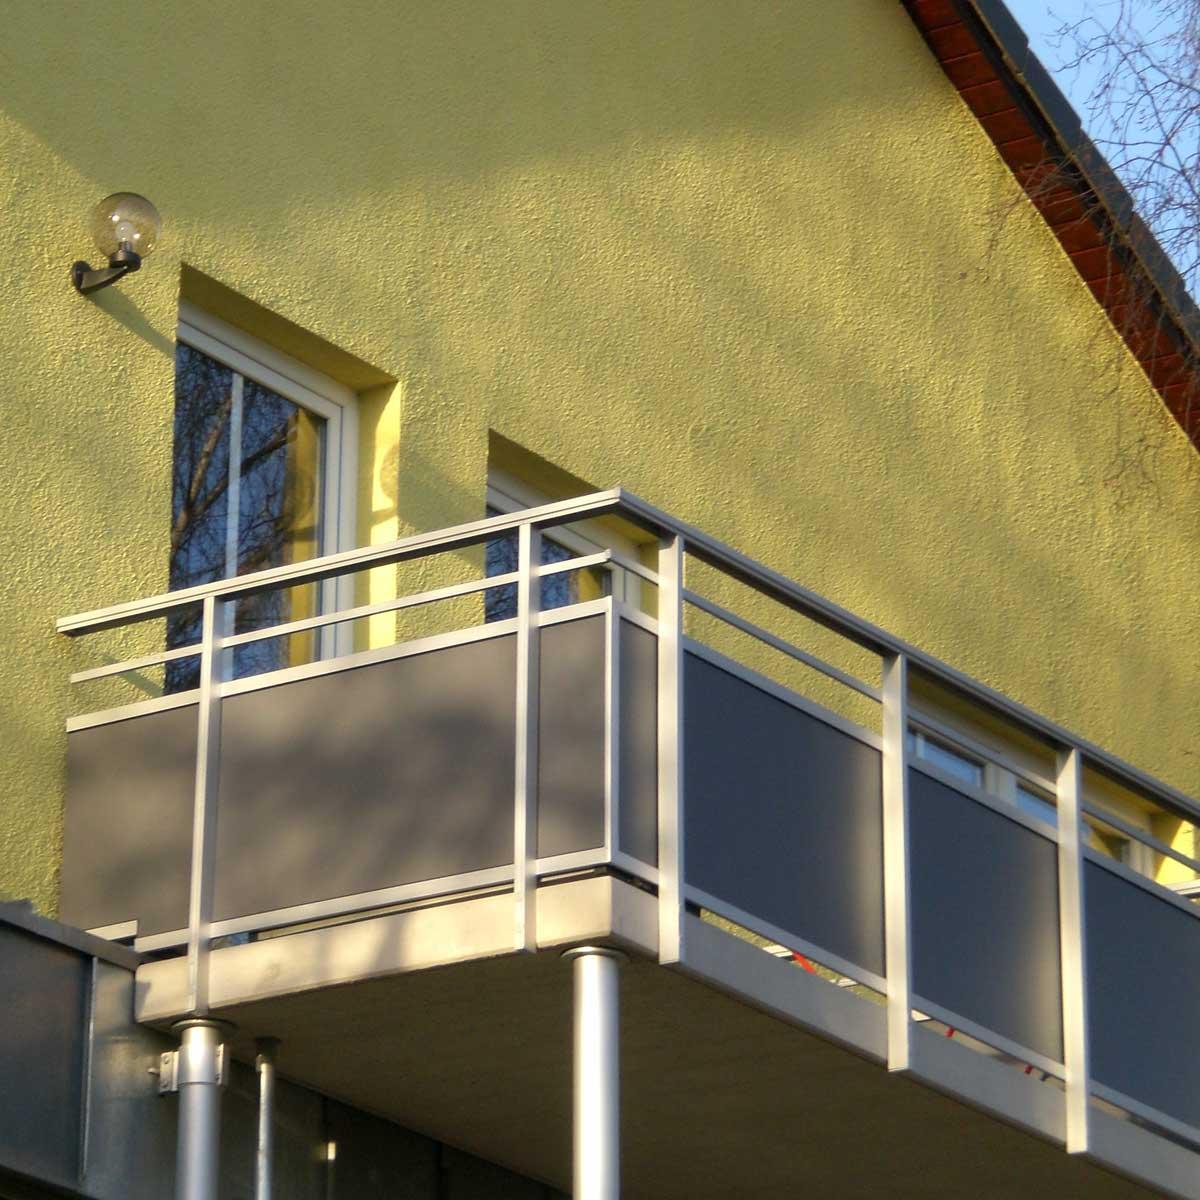 square - https://www.werzalit.com/fr/produit/square-panneau-de-revetement-balcon/